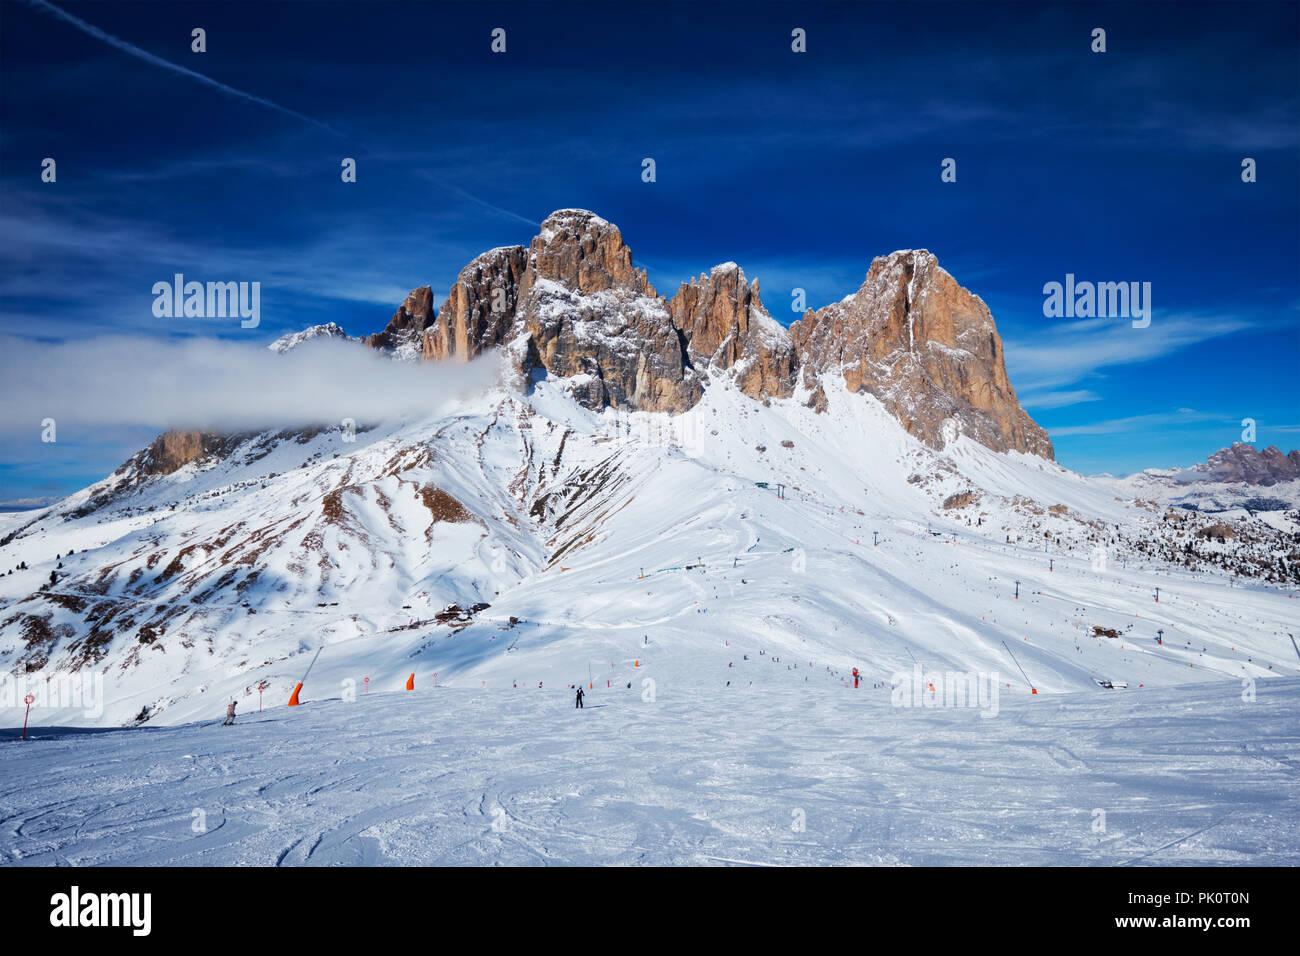 Skigebiet in Dolomiten, Italien Stockbild